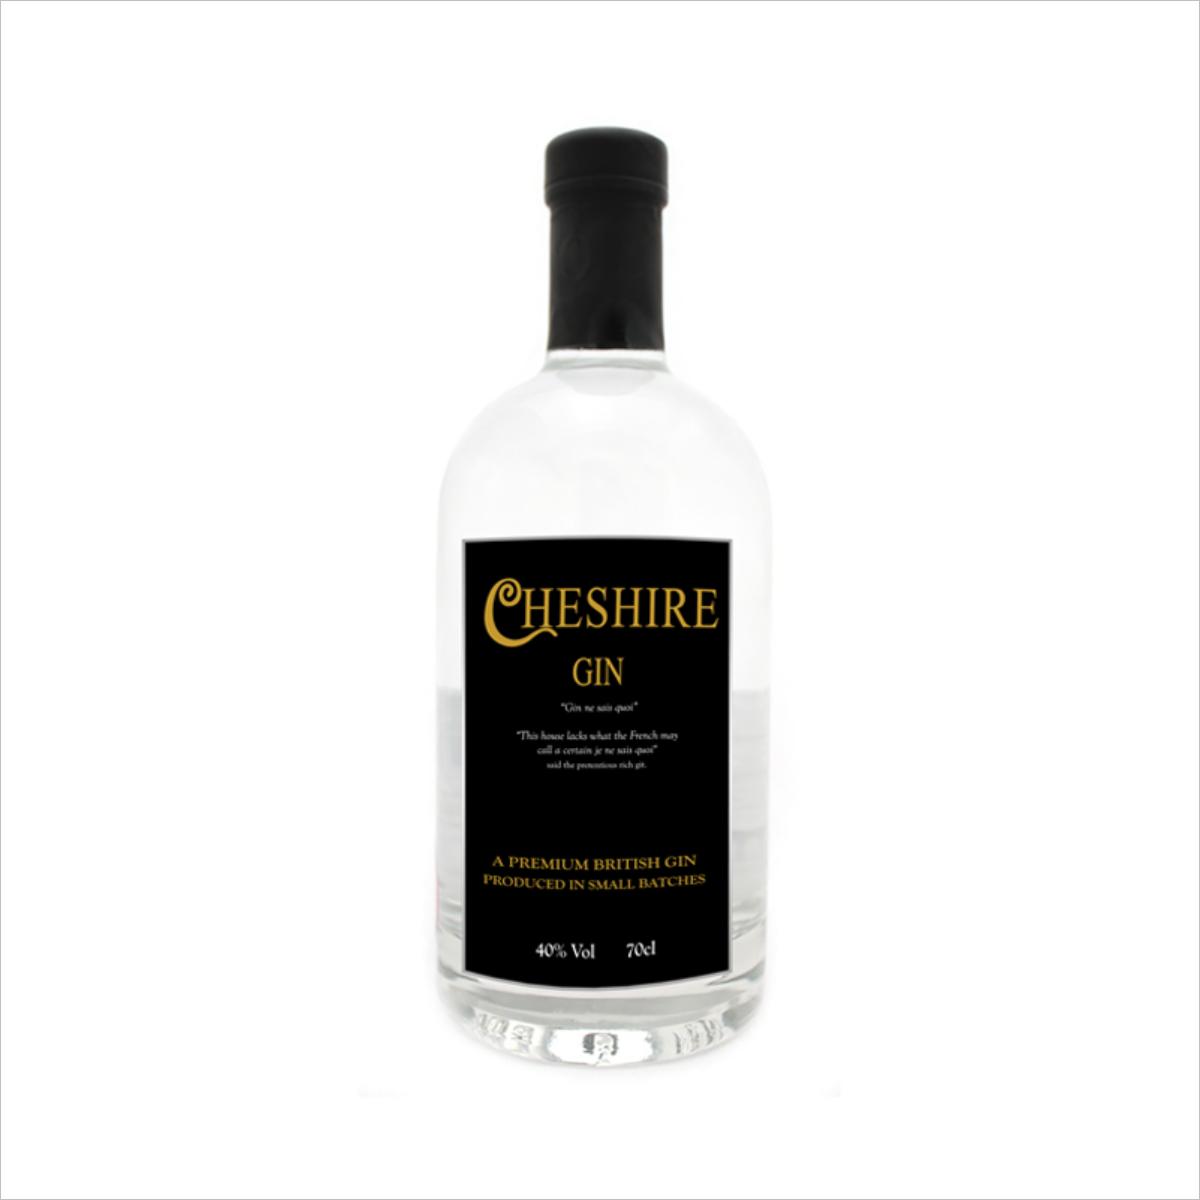 Cheshire Gin